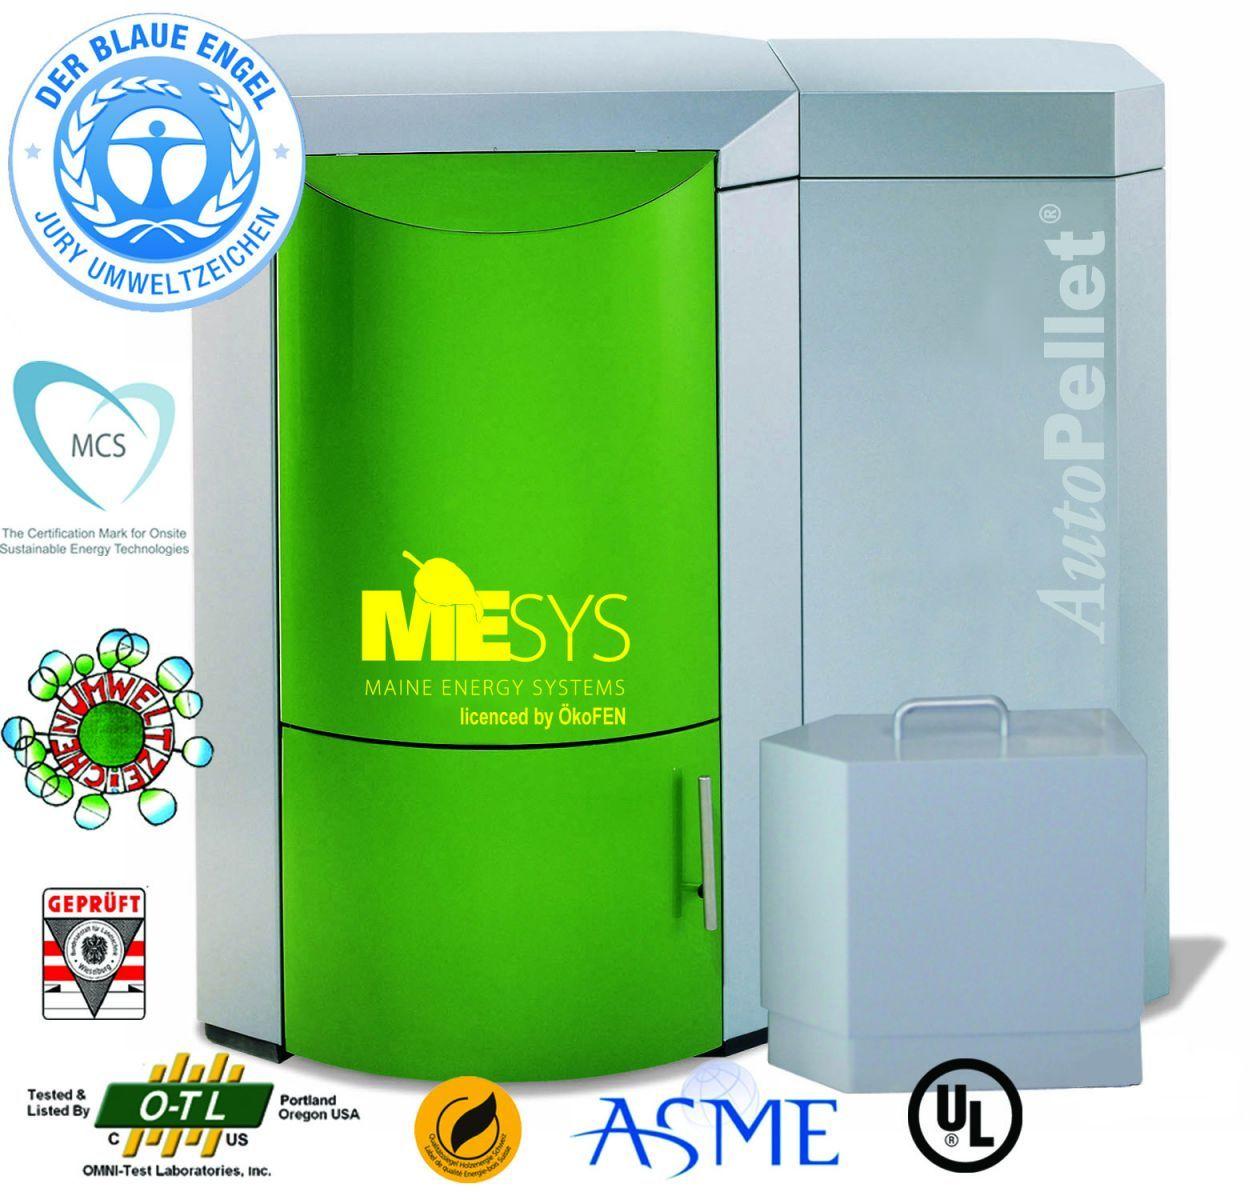 Wood pellet boiler heating system. MESys licensed OkoFEN ...